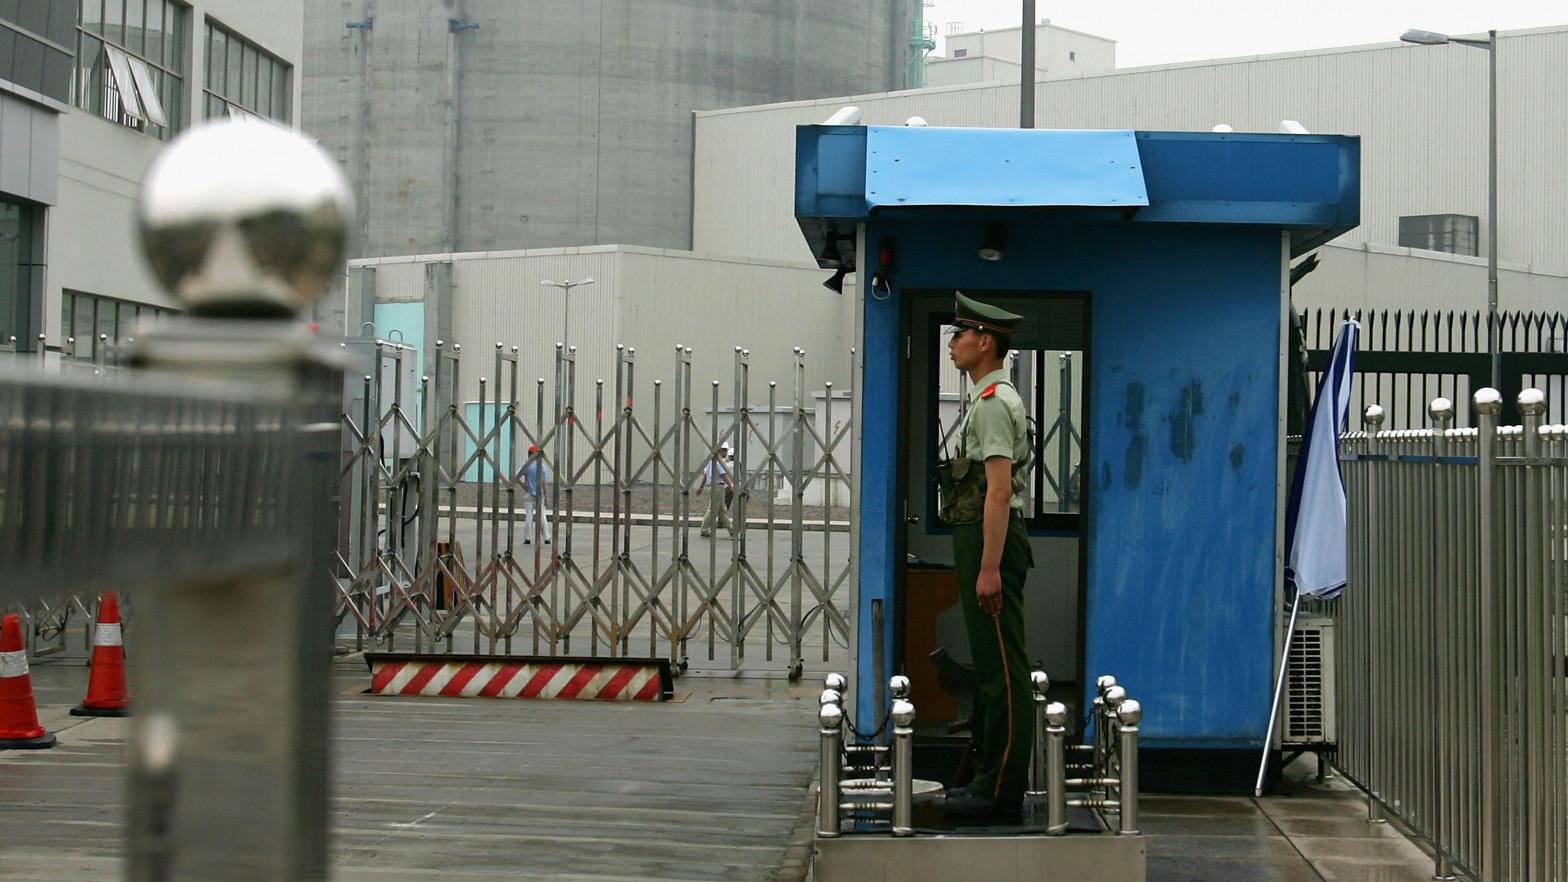 Investigan una posible fuga en una central nuclear cerca de Cantón, en China